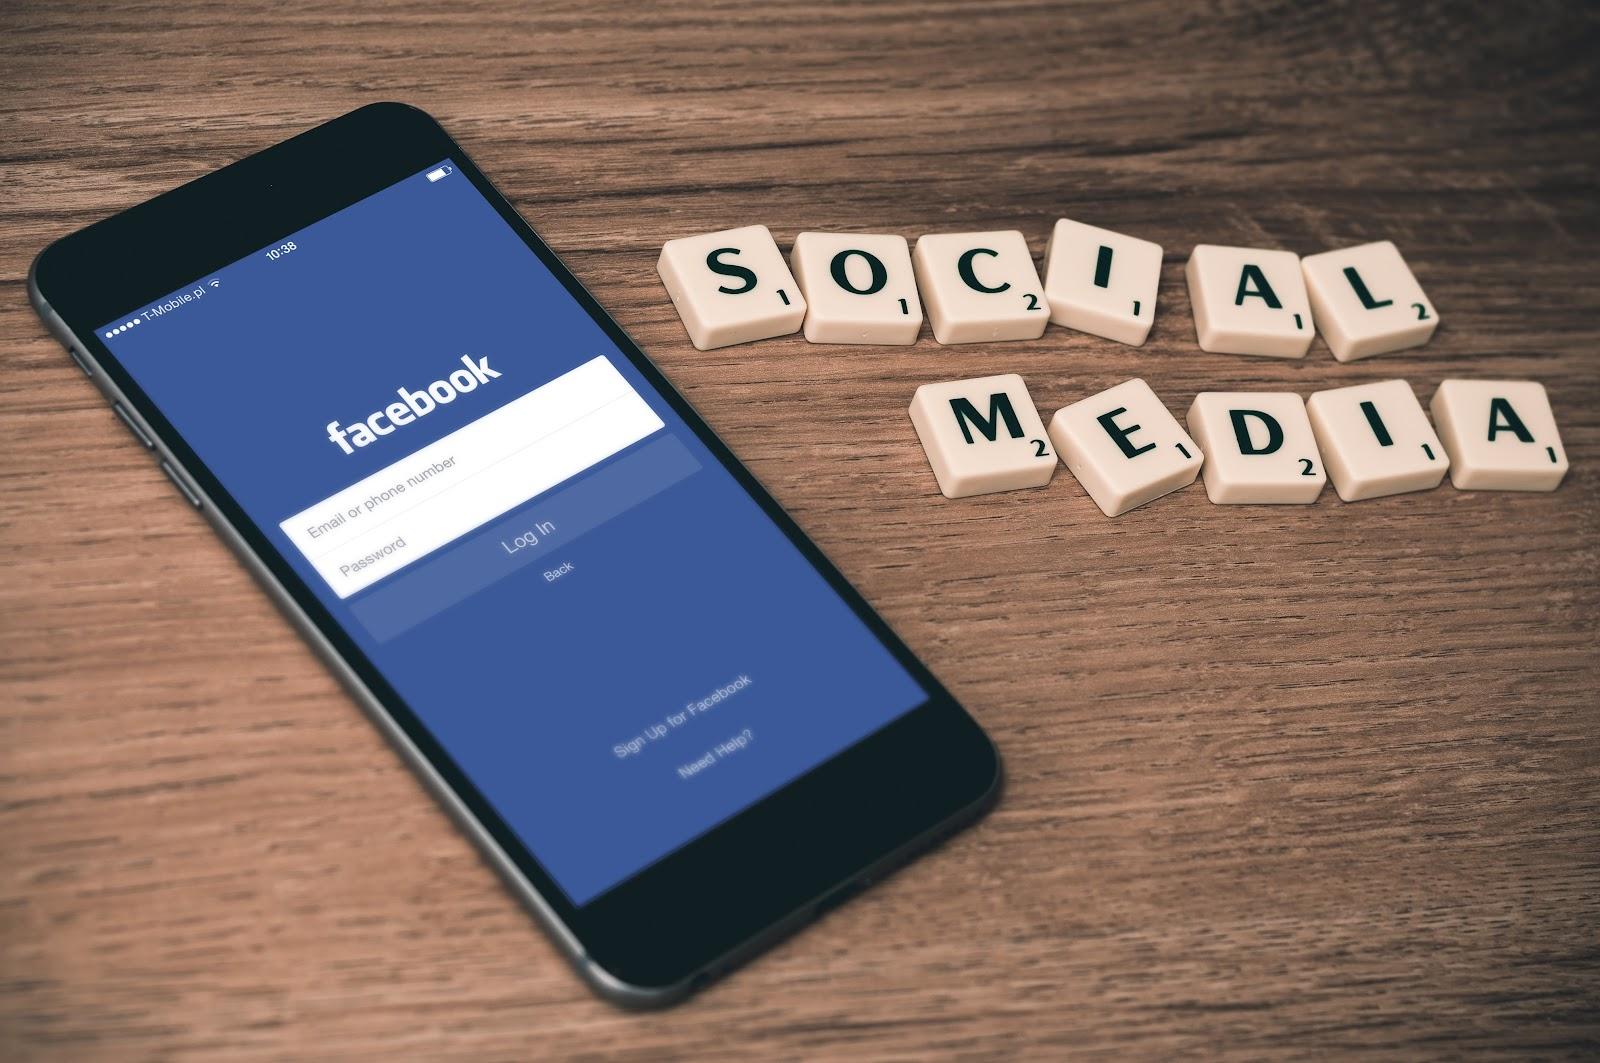 網路賺錢方法#6:經營社群媒體